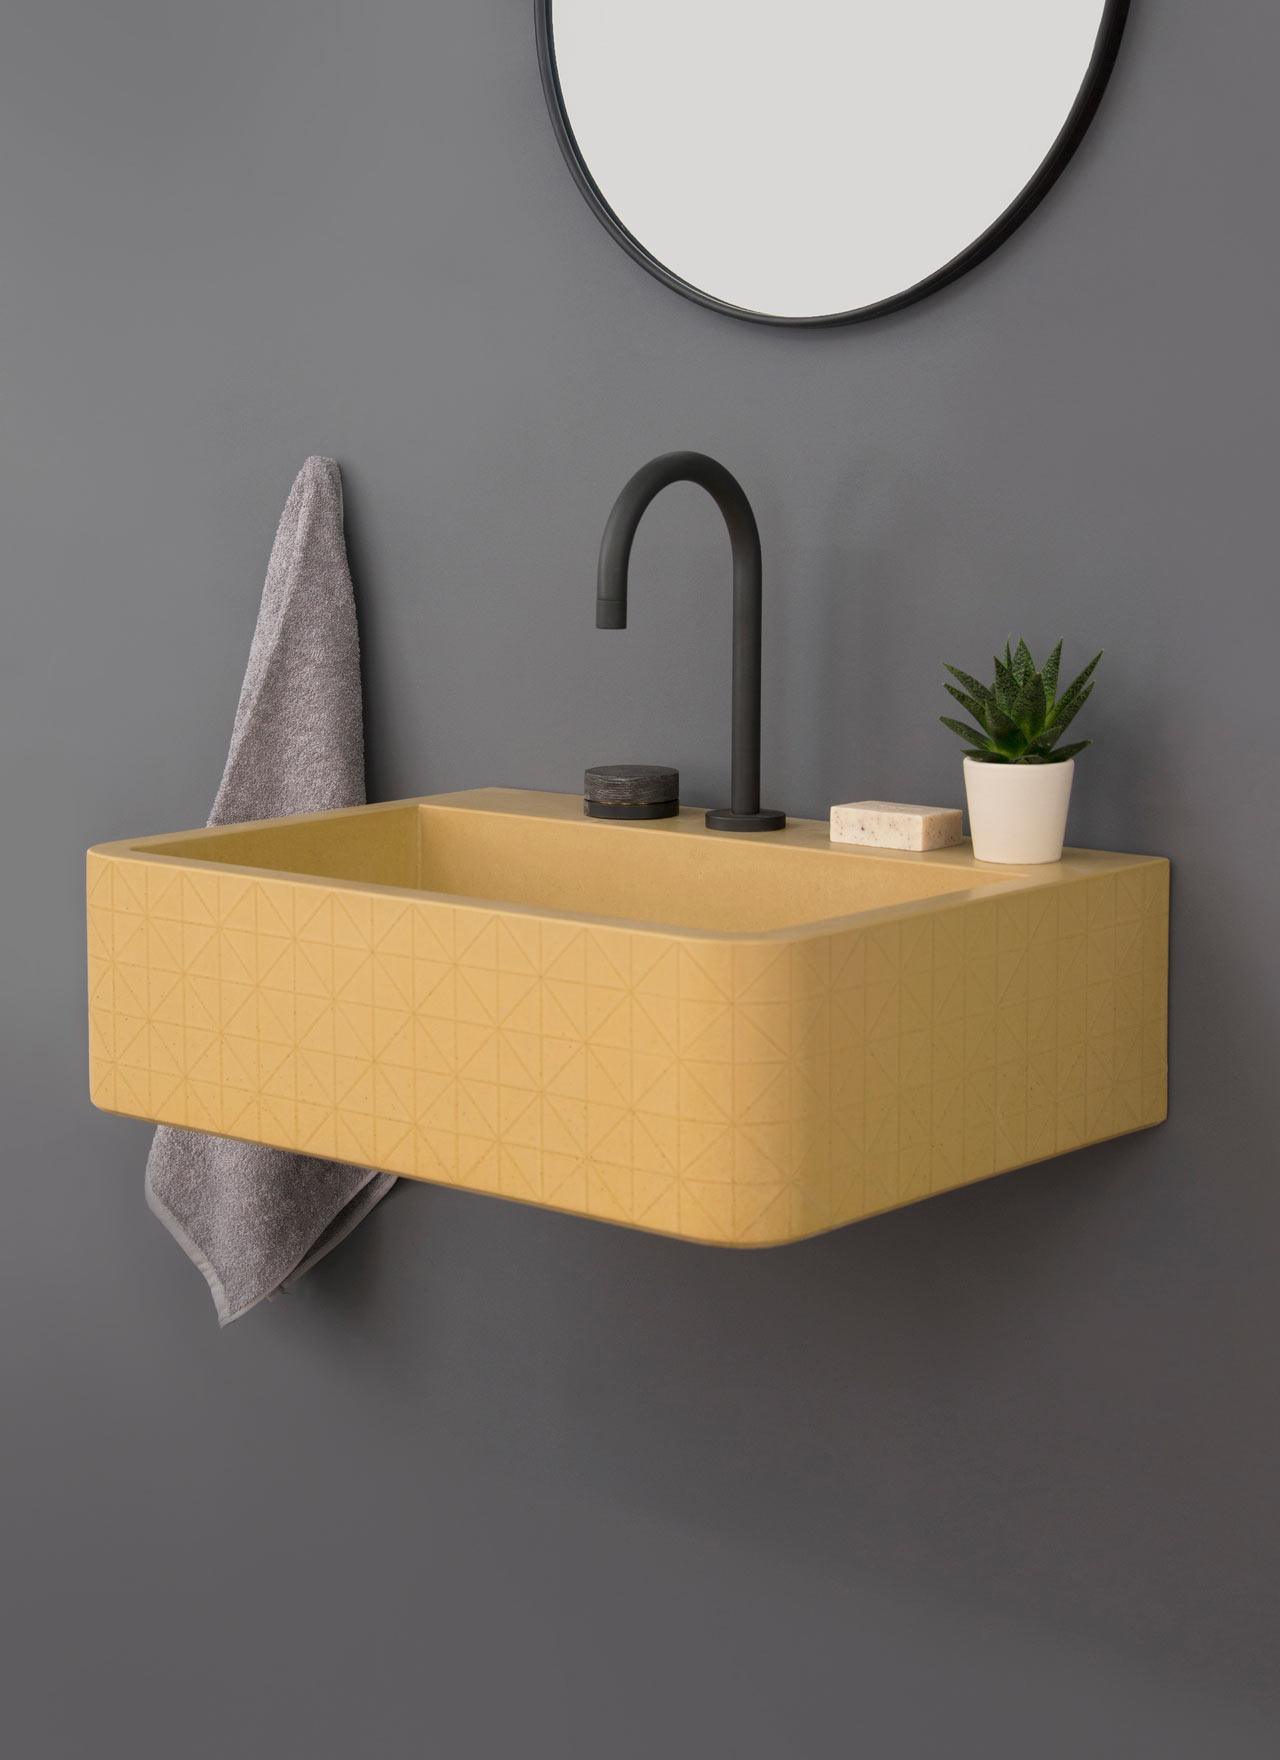 Kast-Concrete-Basins-Kast-Canvas-3.jpg